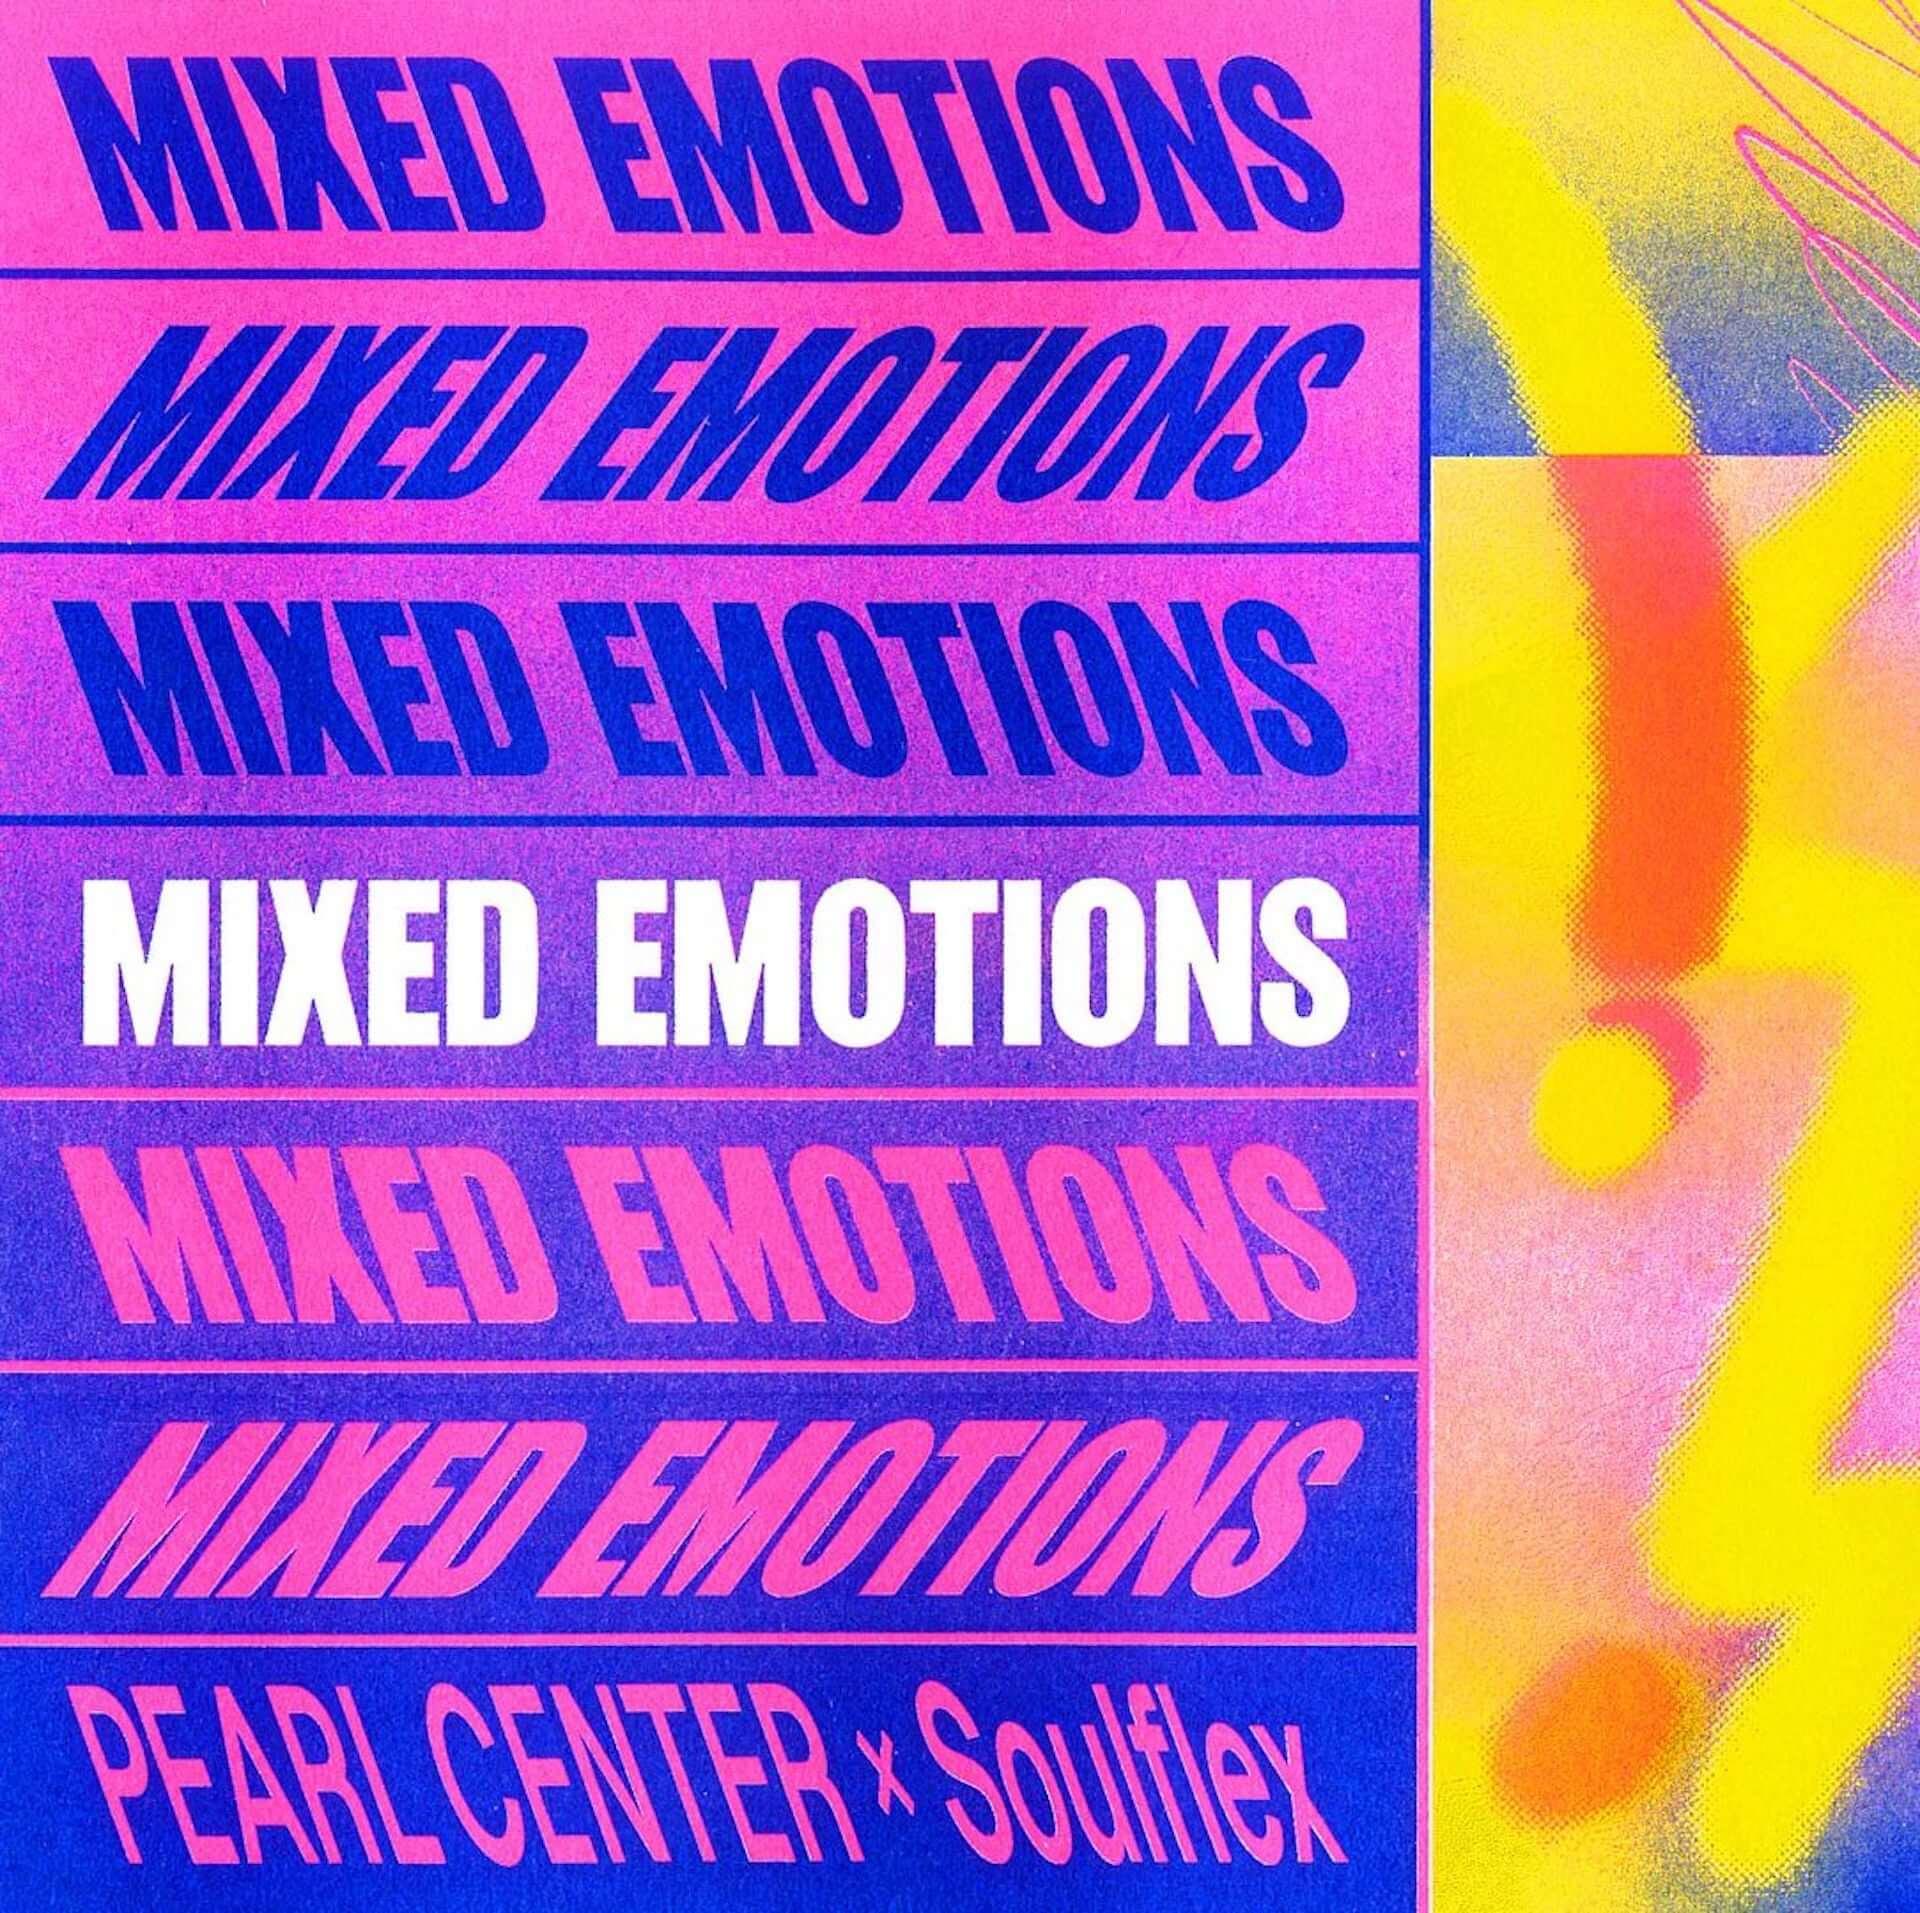 """PEARL CENTERとSoulflexの共作""""Mixed Emotions""""のMVが公開!4Kで魅せる近未来的モーショングラフィックスに注目 music200623_pearlcenter_mv_2-1920x1913"""